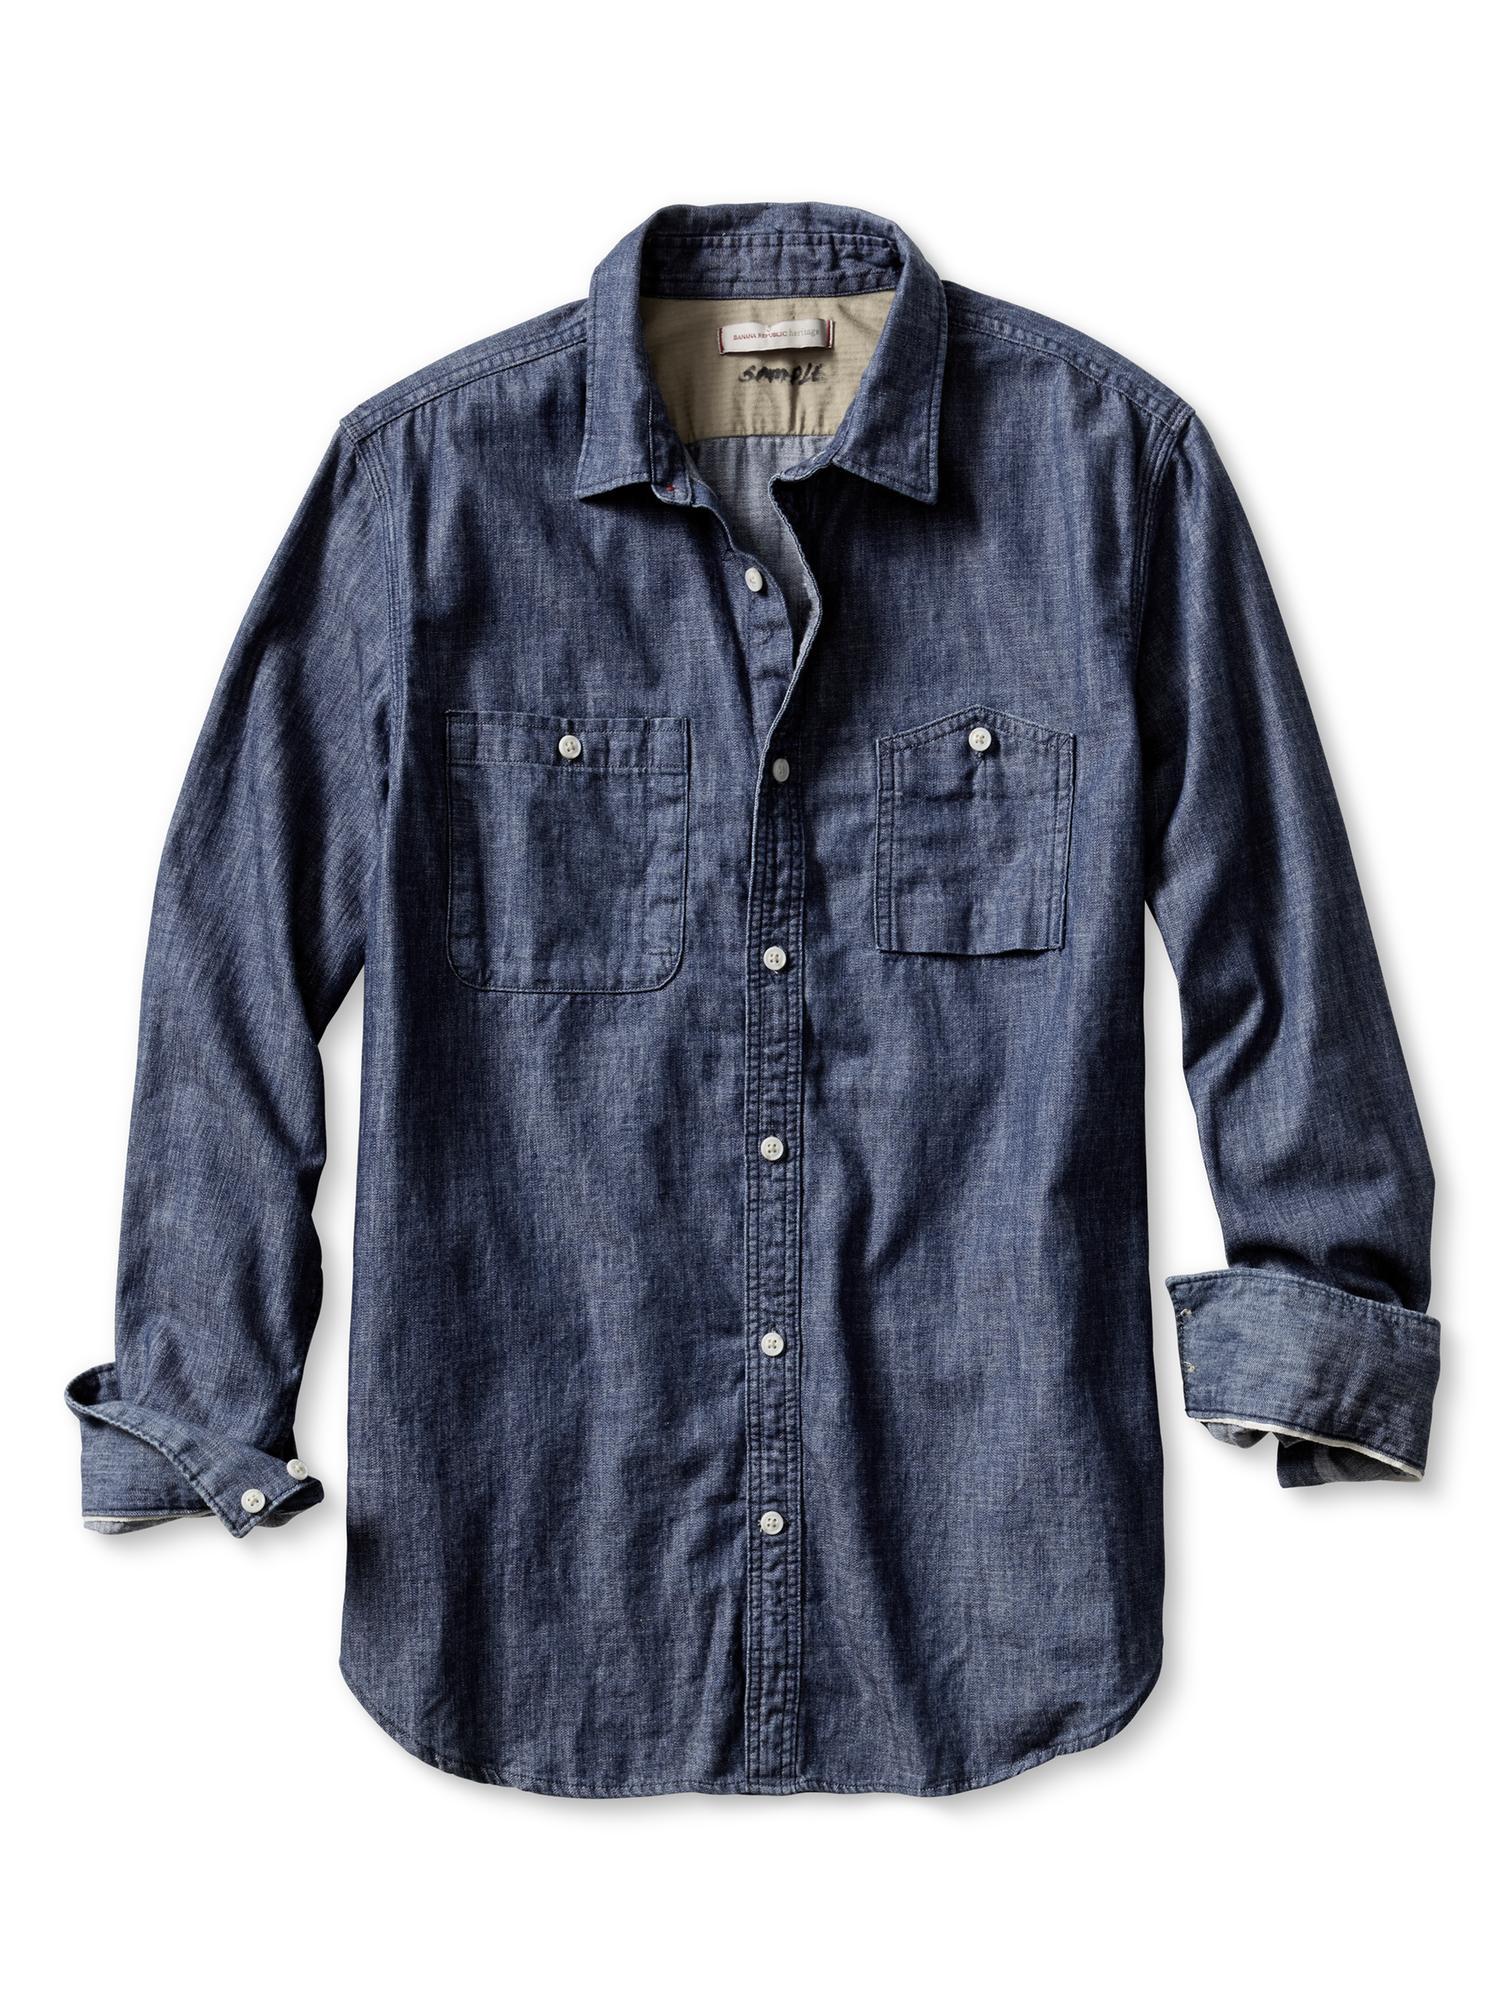 Banana republic heritage denim utility shirt in blue for for Men s dobby shirt